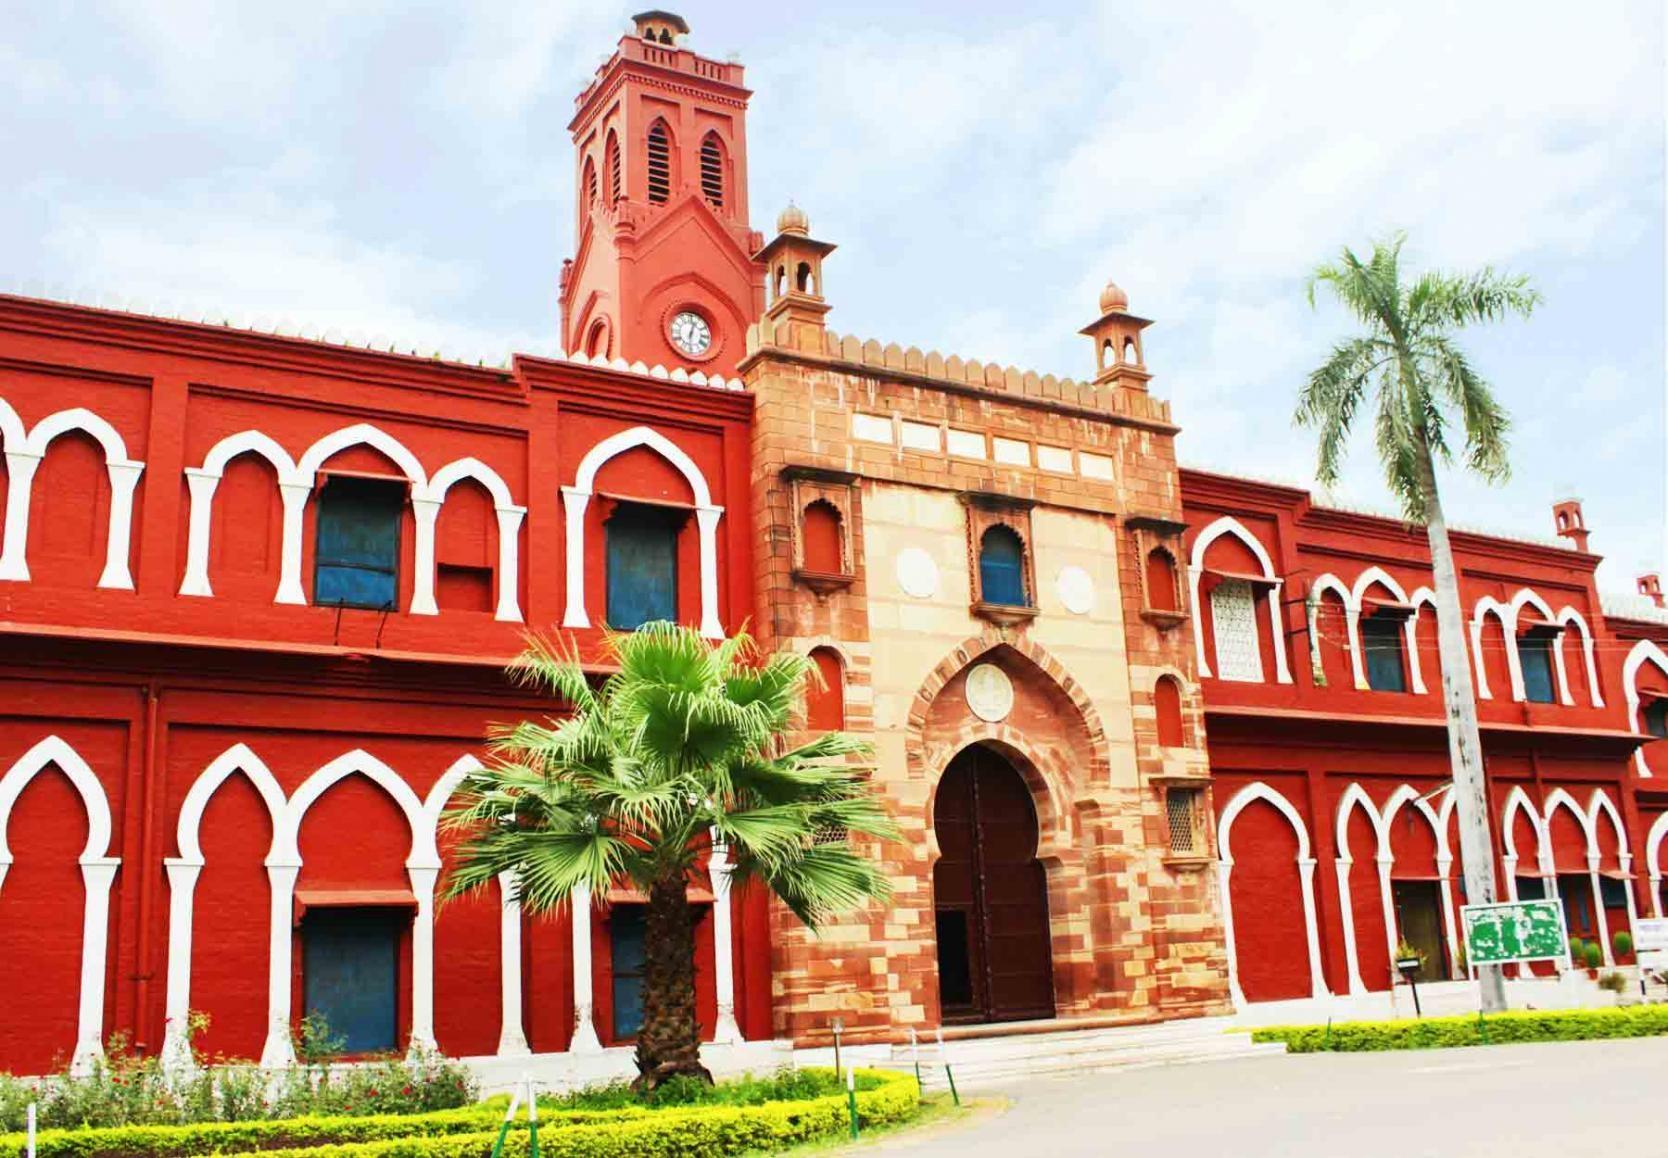 RSS कार्यकर्ता मोहम्मद आमिर ने अलीगढ़ मुस्लिम यूनिवर्सिटी में *शाखा* लगाने की मांगी अनुमति